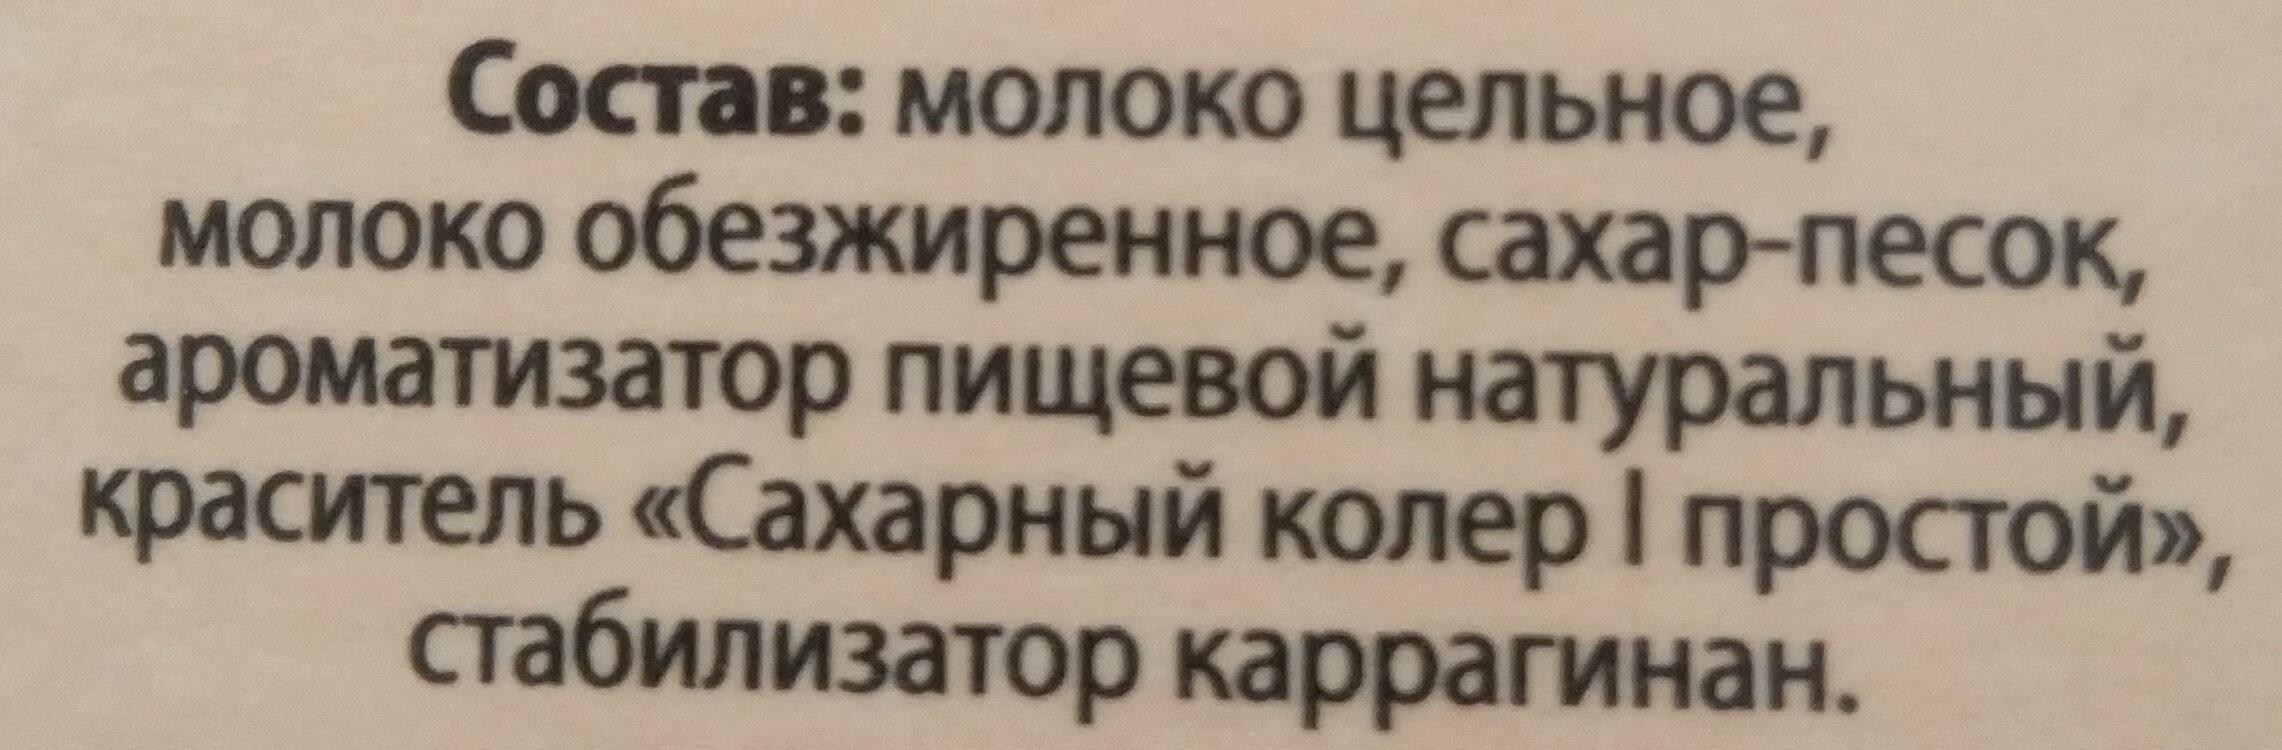 """Коктейль молочный пастеризованный со вкусом""""Тоффи"""" - Inhaltsstoffe"""